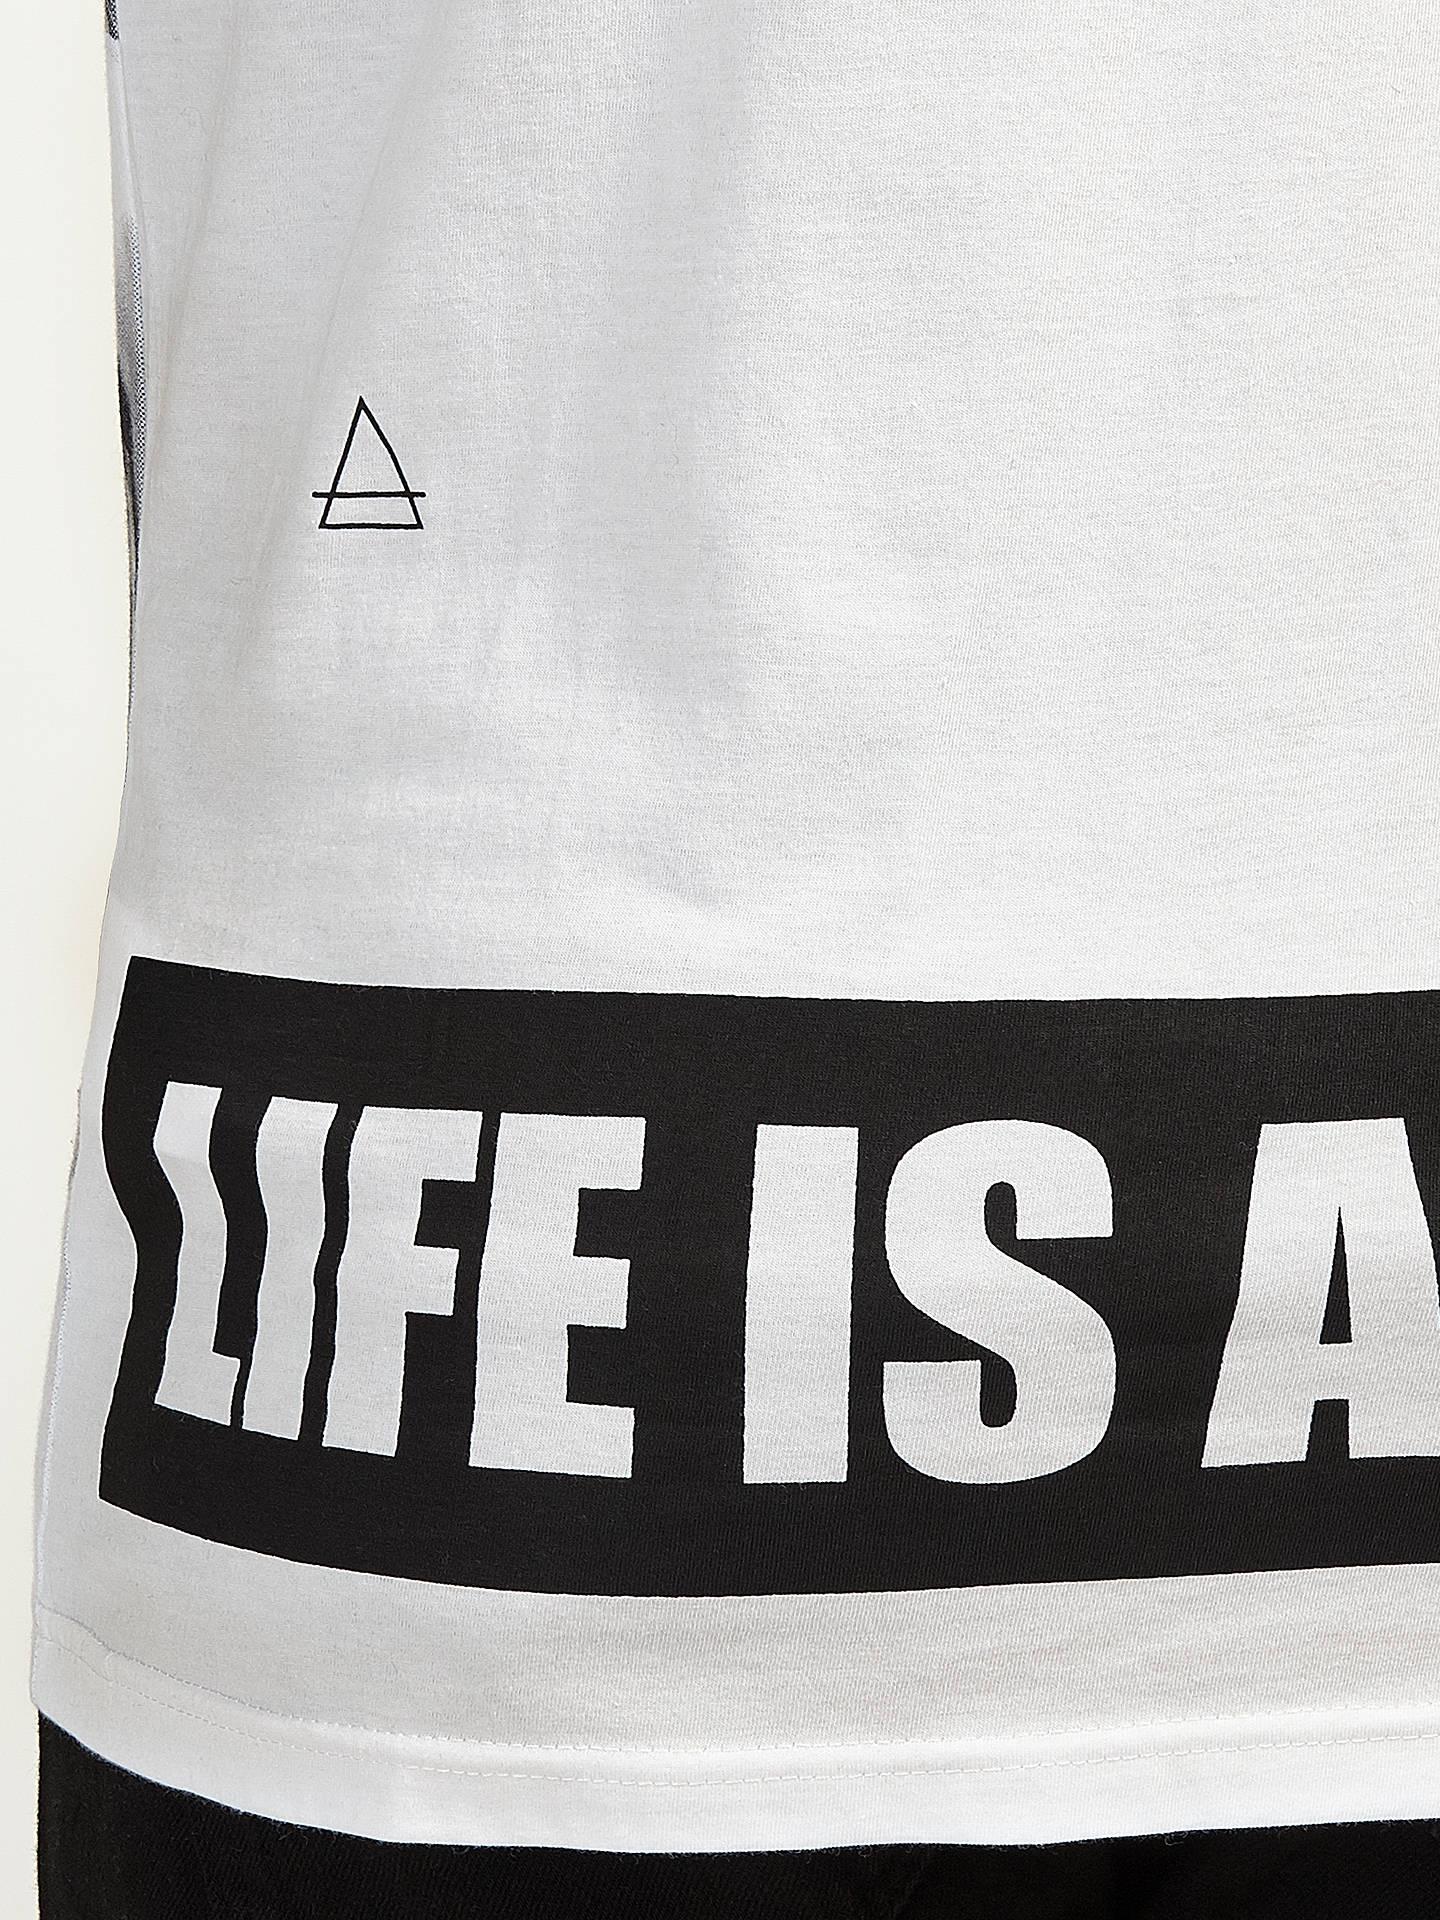 c90553c82 ... Buy Eleven Paris Kate Moss Moustache T-Shirt, White, S Online at  johnlewis